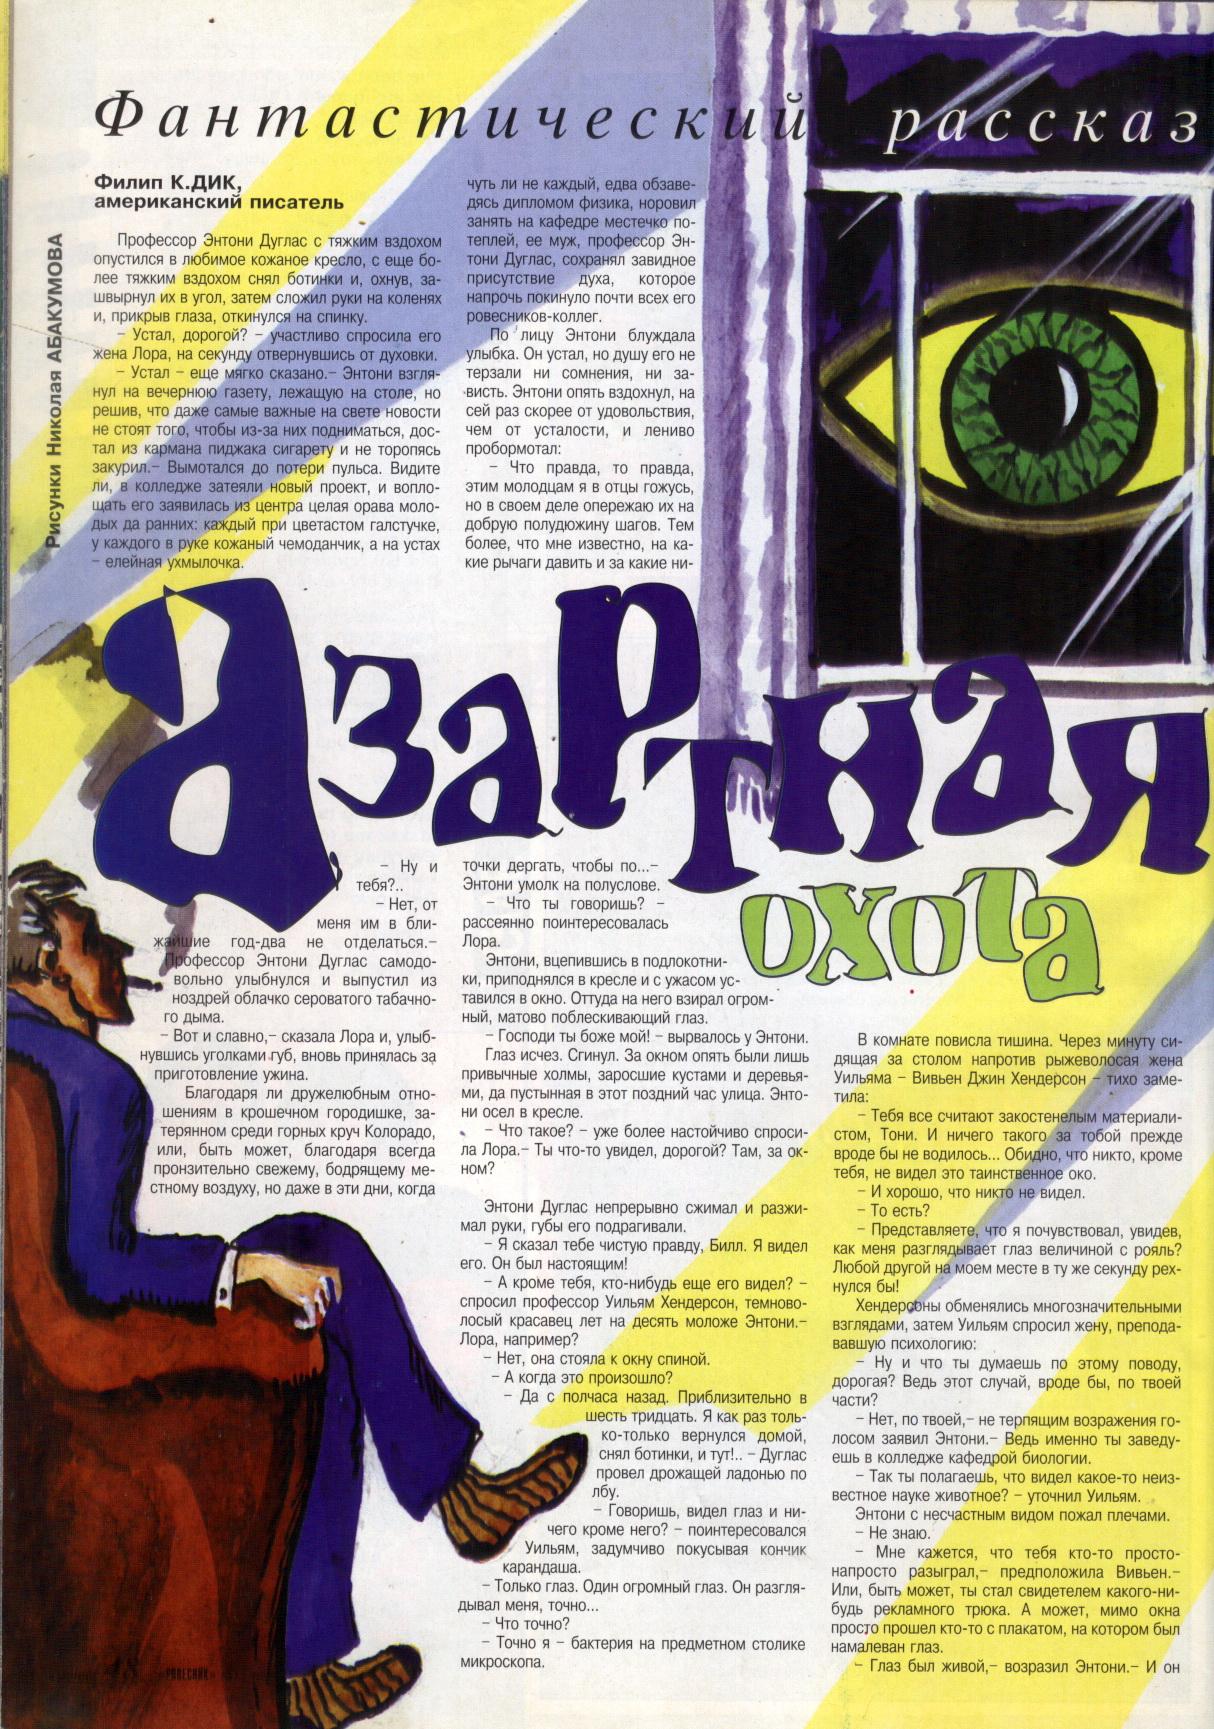 Мир Фантастики - научная фантастика, фэнтези, мистика и т.д. - Page 2 87878_1